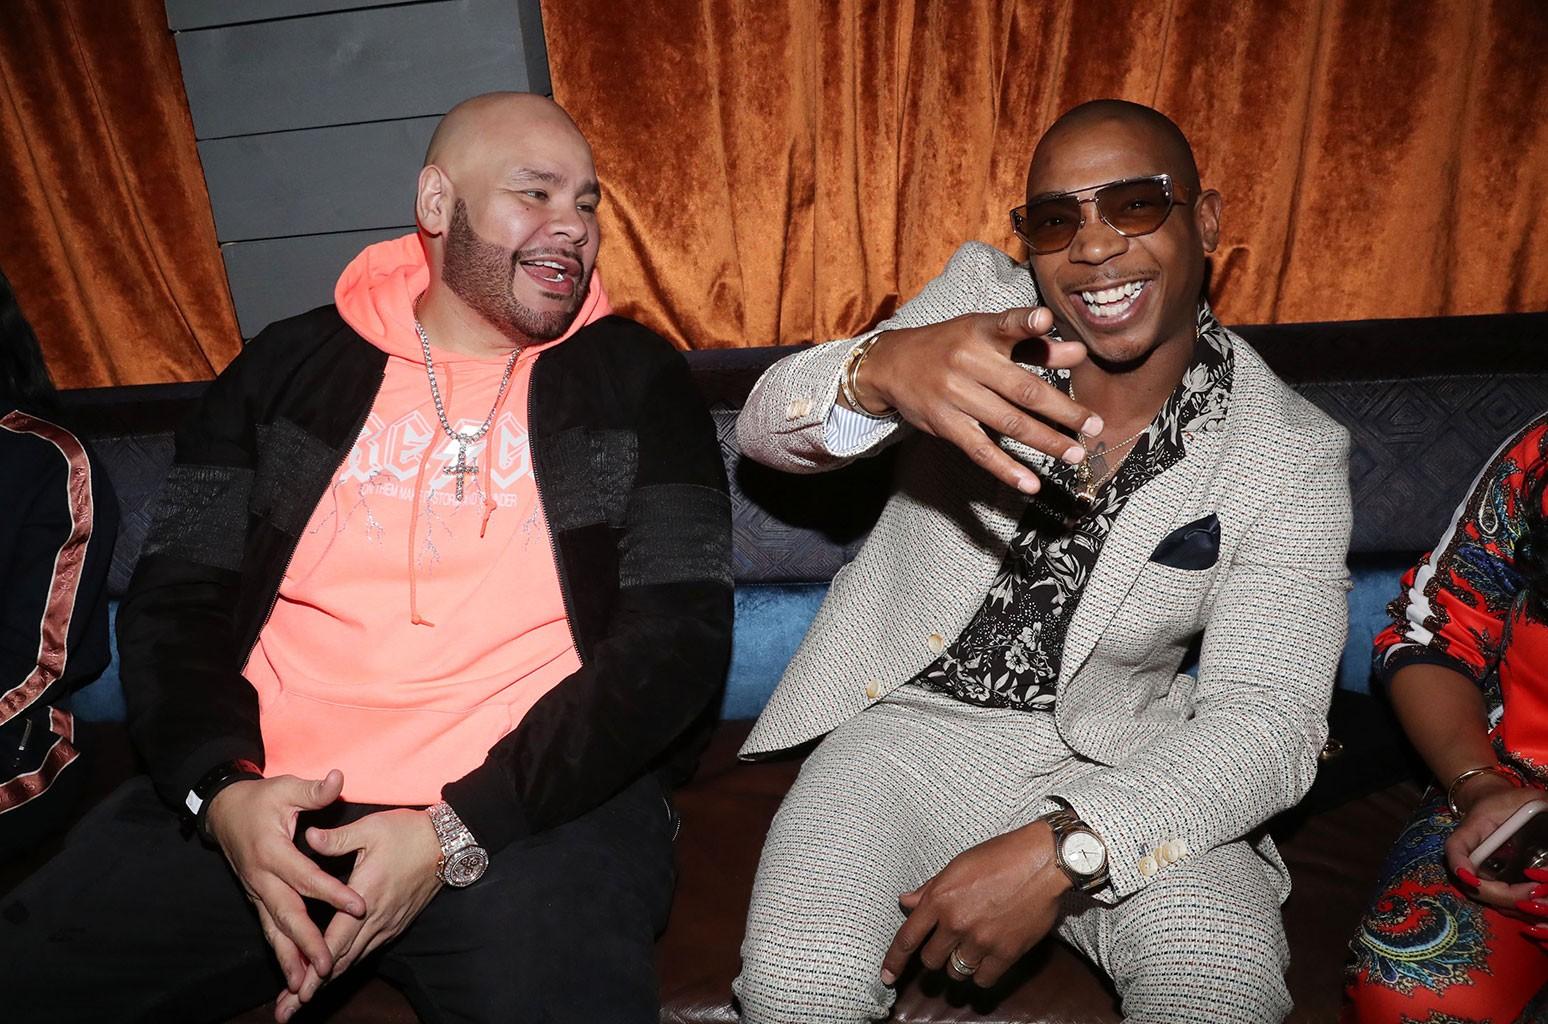 How to Watch Ja Rule & Fat Joe 'Verzuz' Battle